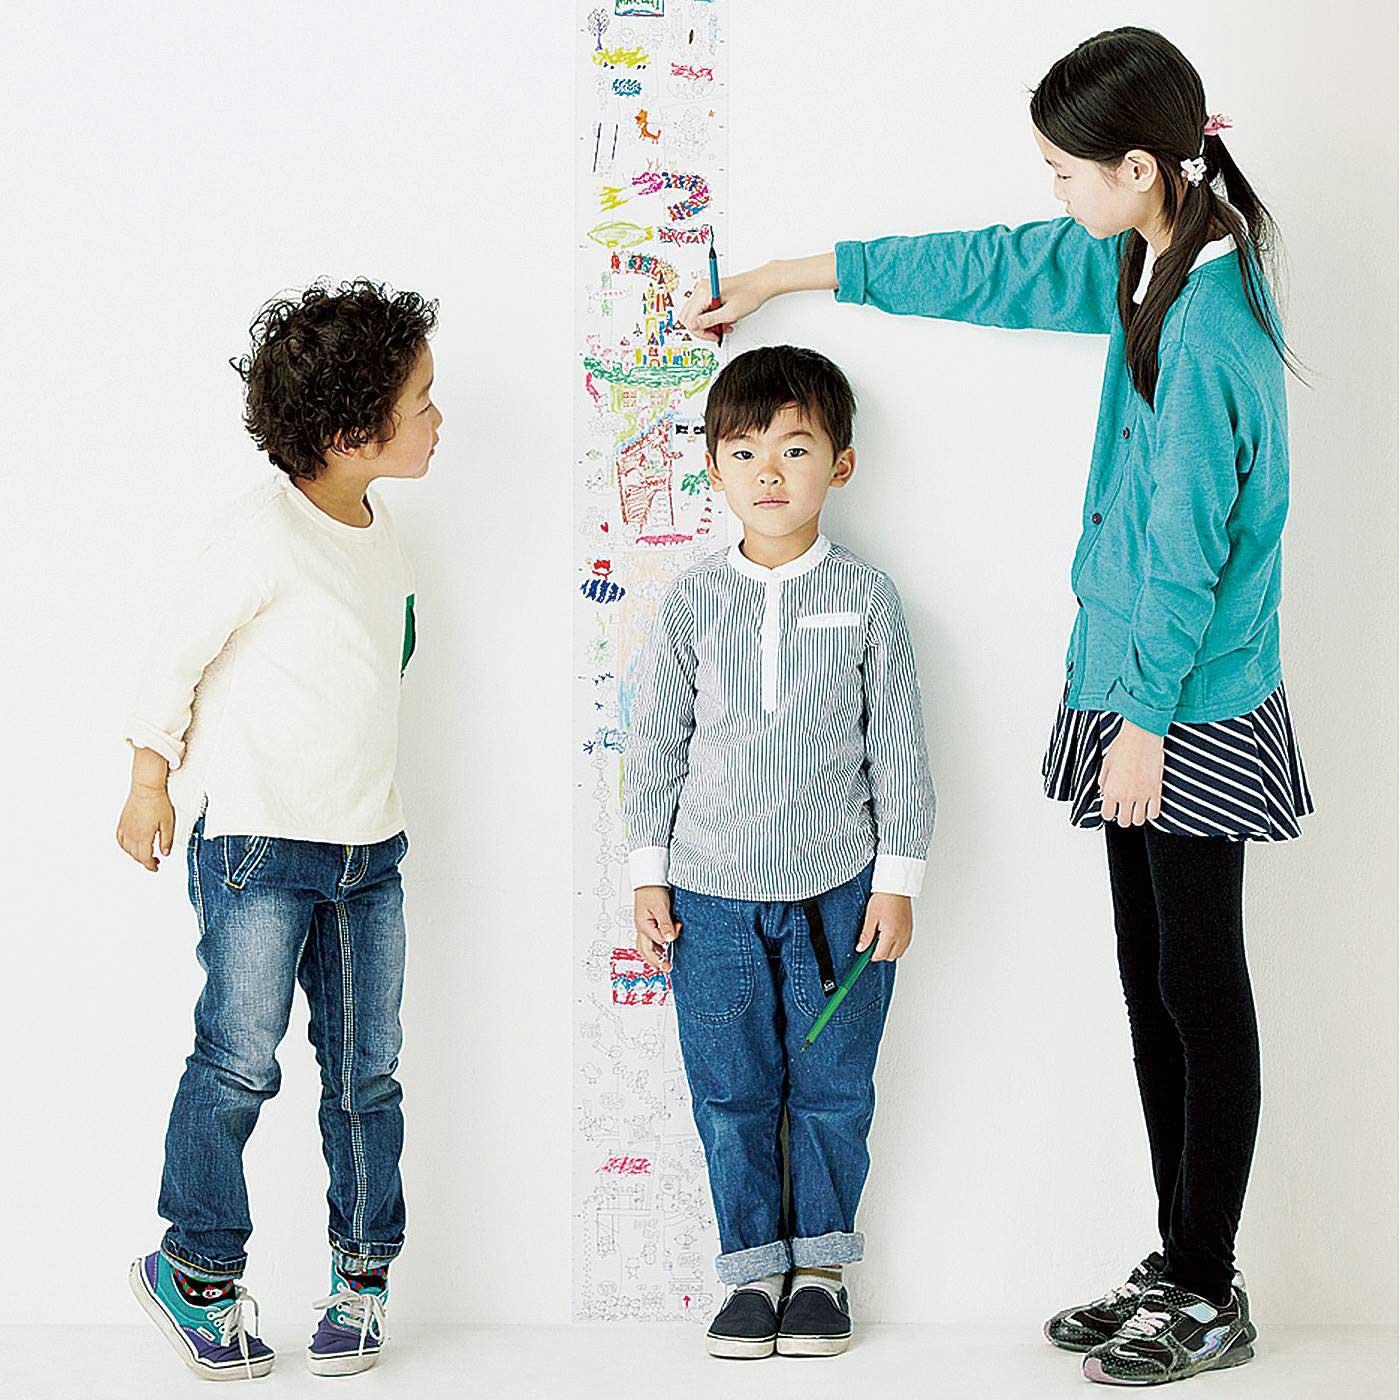 センチとインチの目盛り付きで、身長なども楽しく測れます。